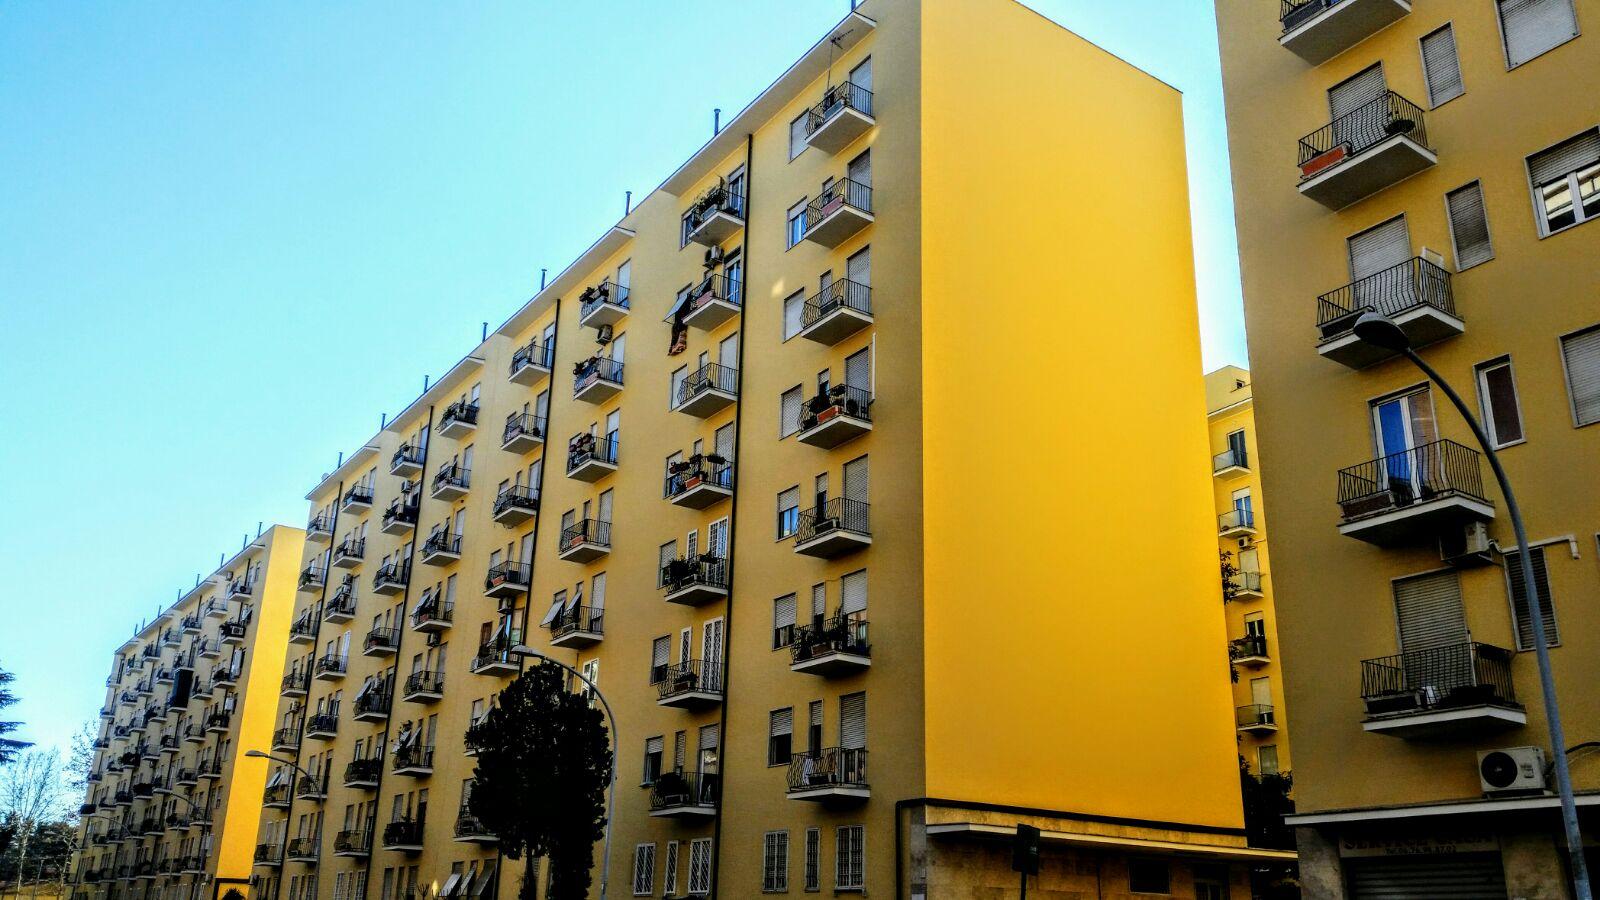 16686 Appartamento in vendita Roma Don Bosco